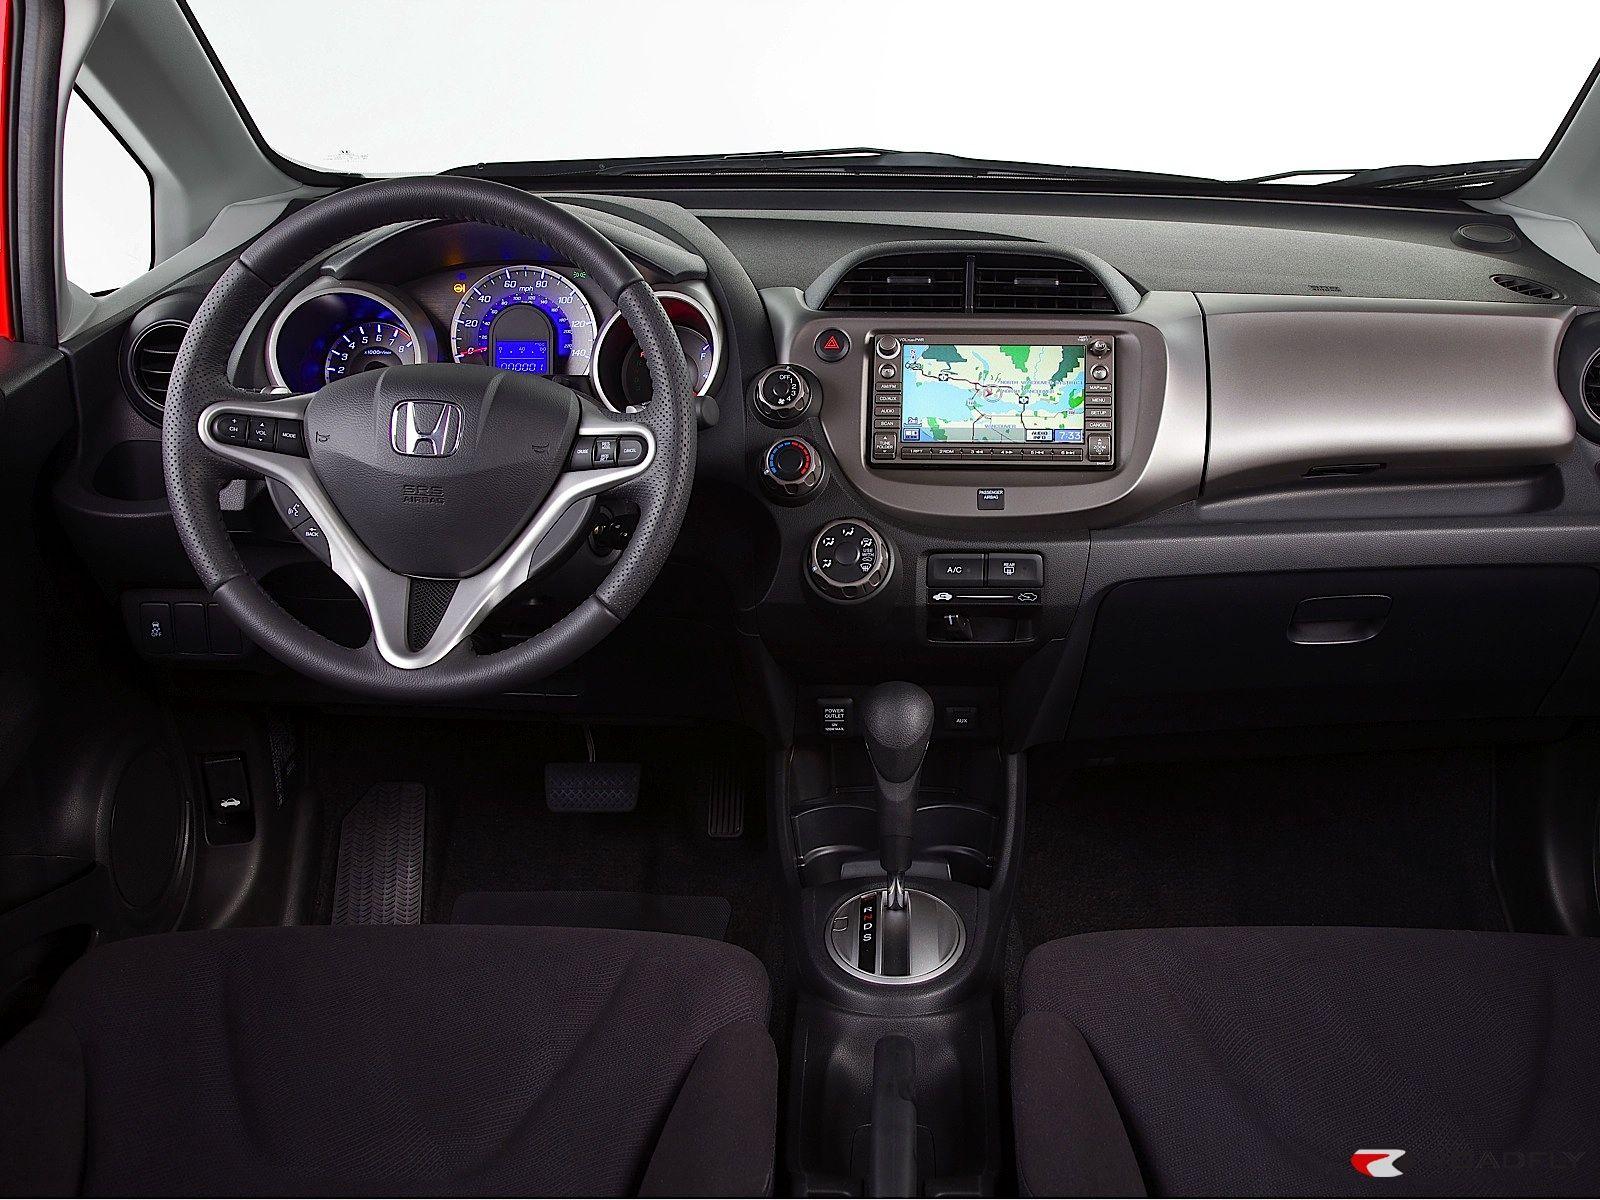 Honda Fit Interior Honda Interiors Honda Honda Fit 2009 Honda Fit